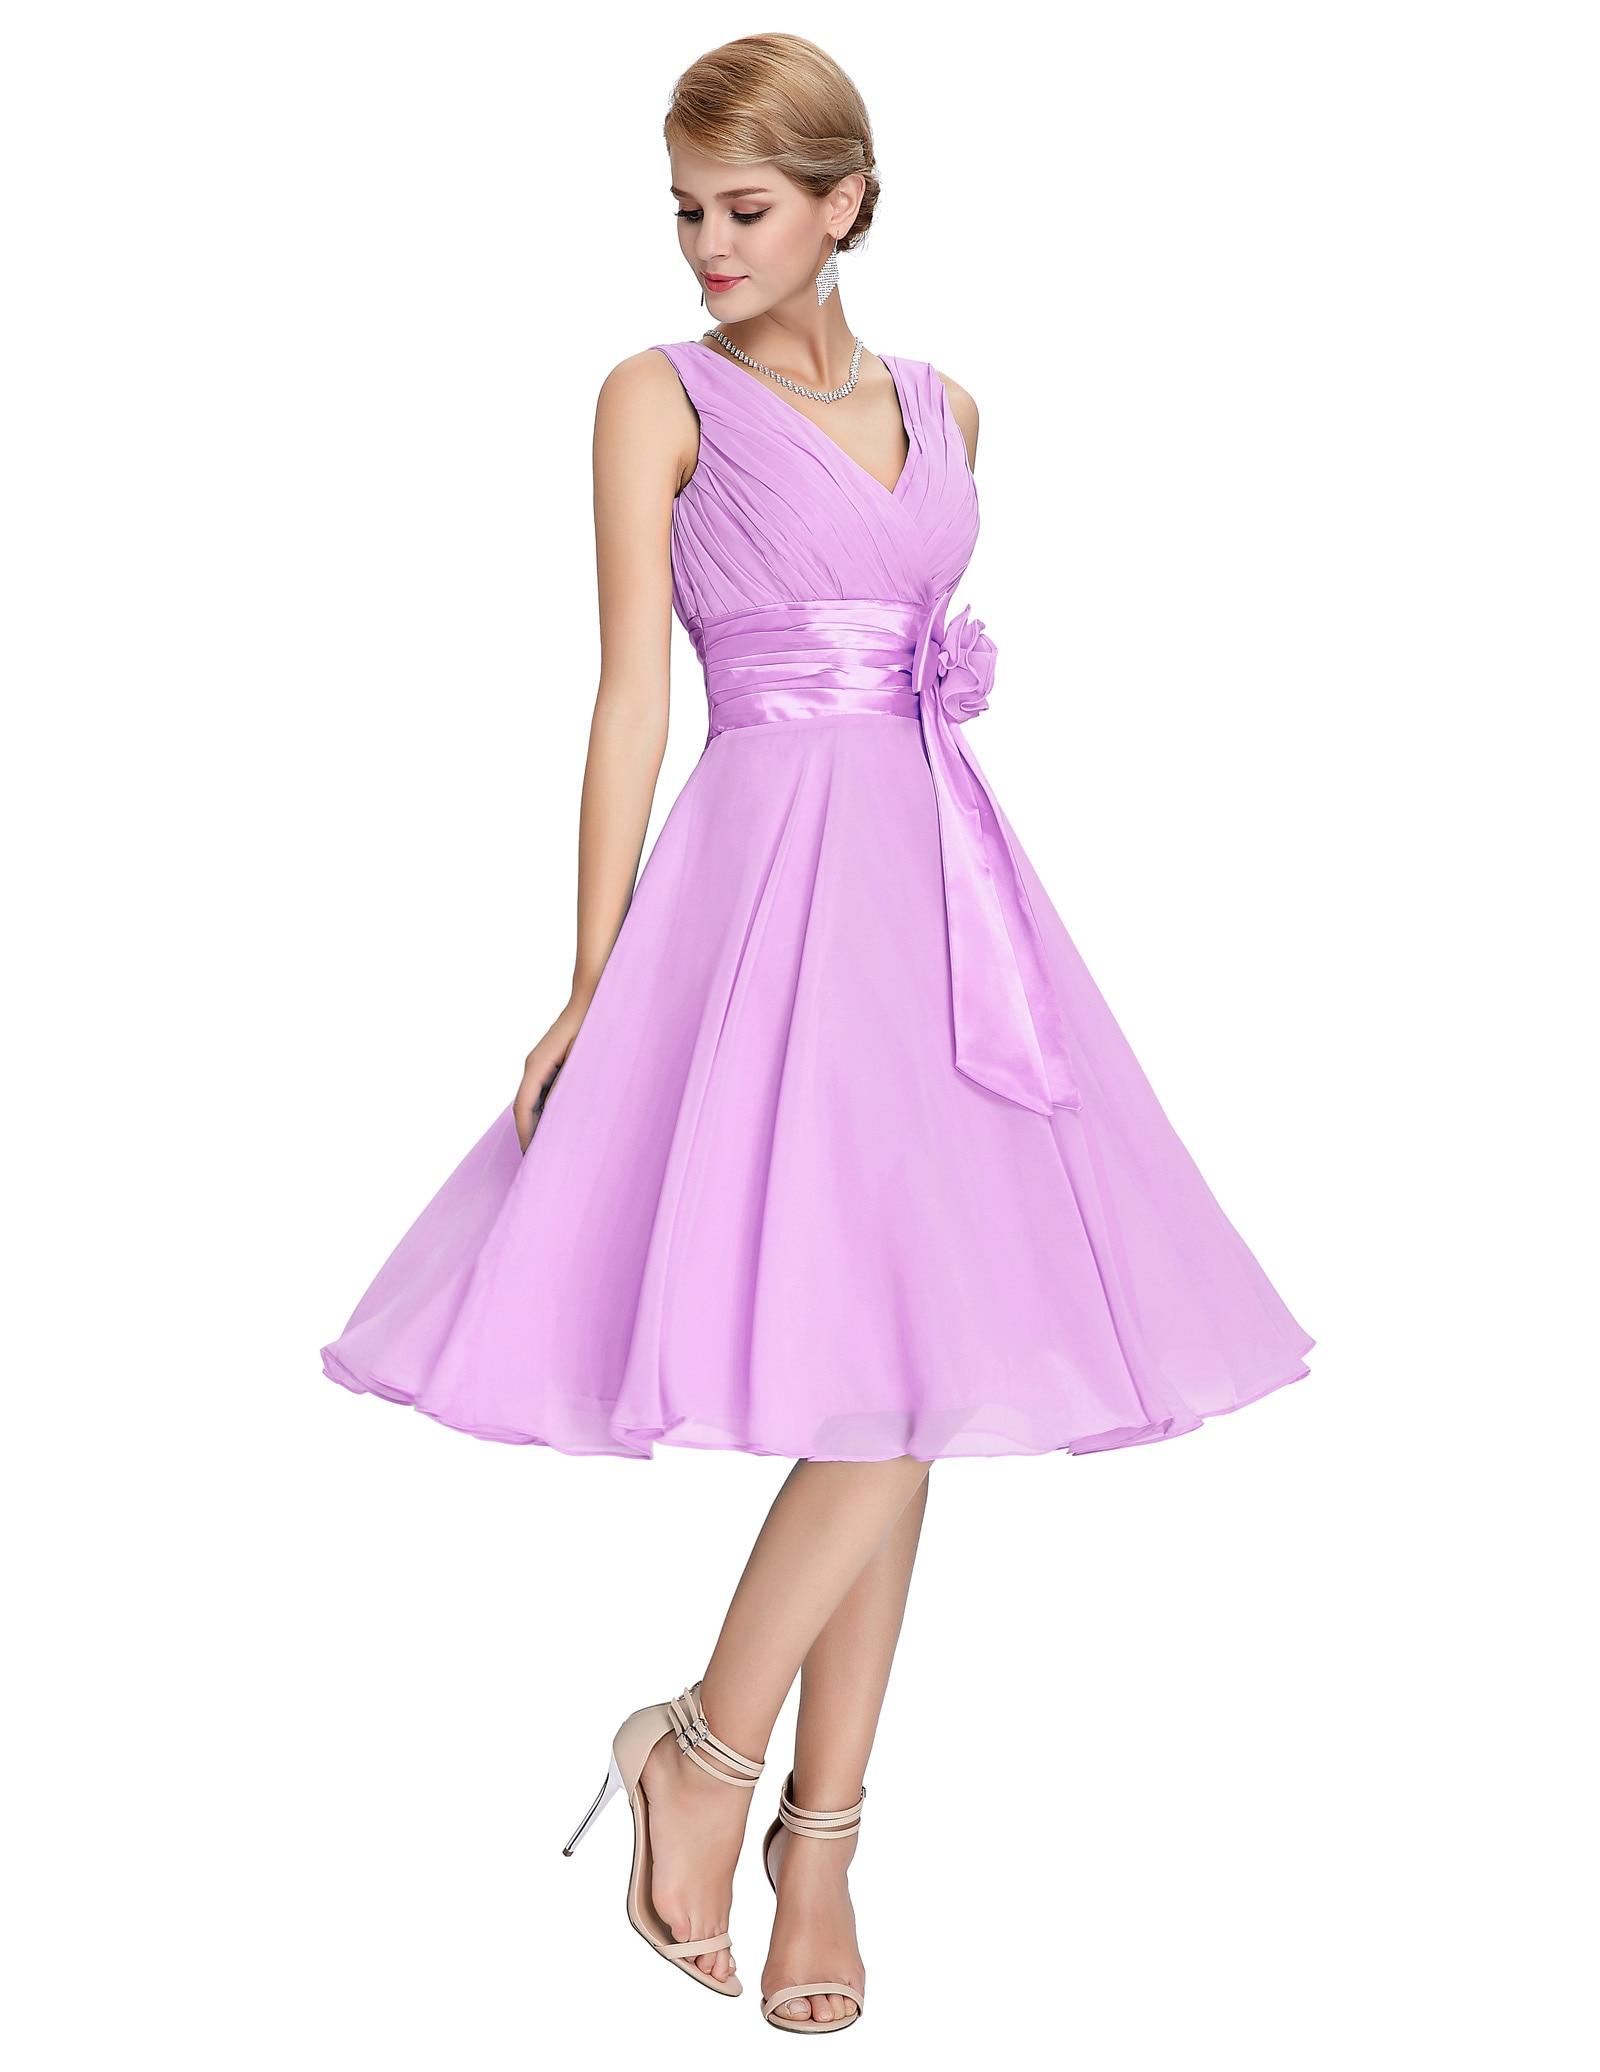 Increíble Púrpura Vestidos De Dama Azul Colección - Colección de ...